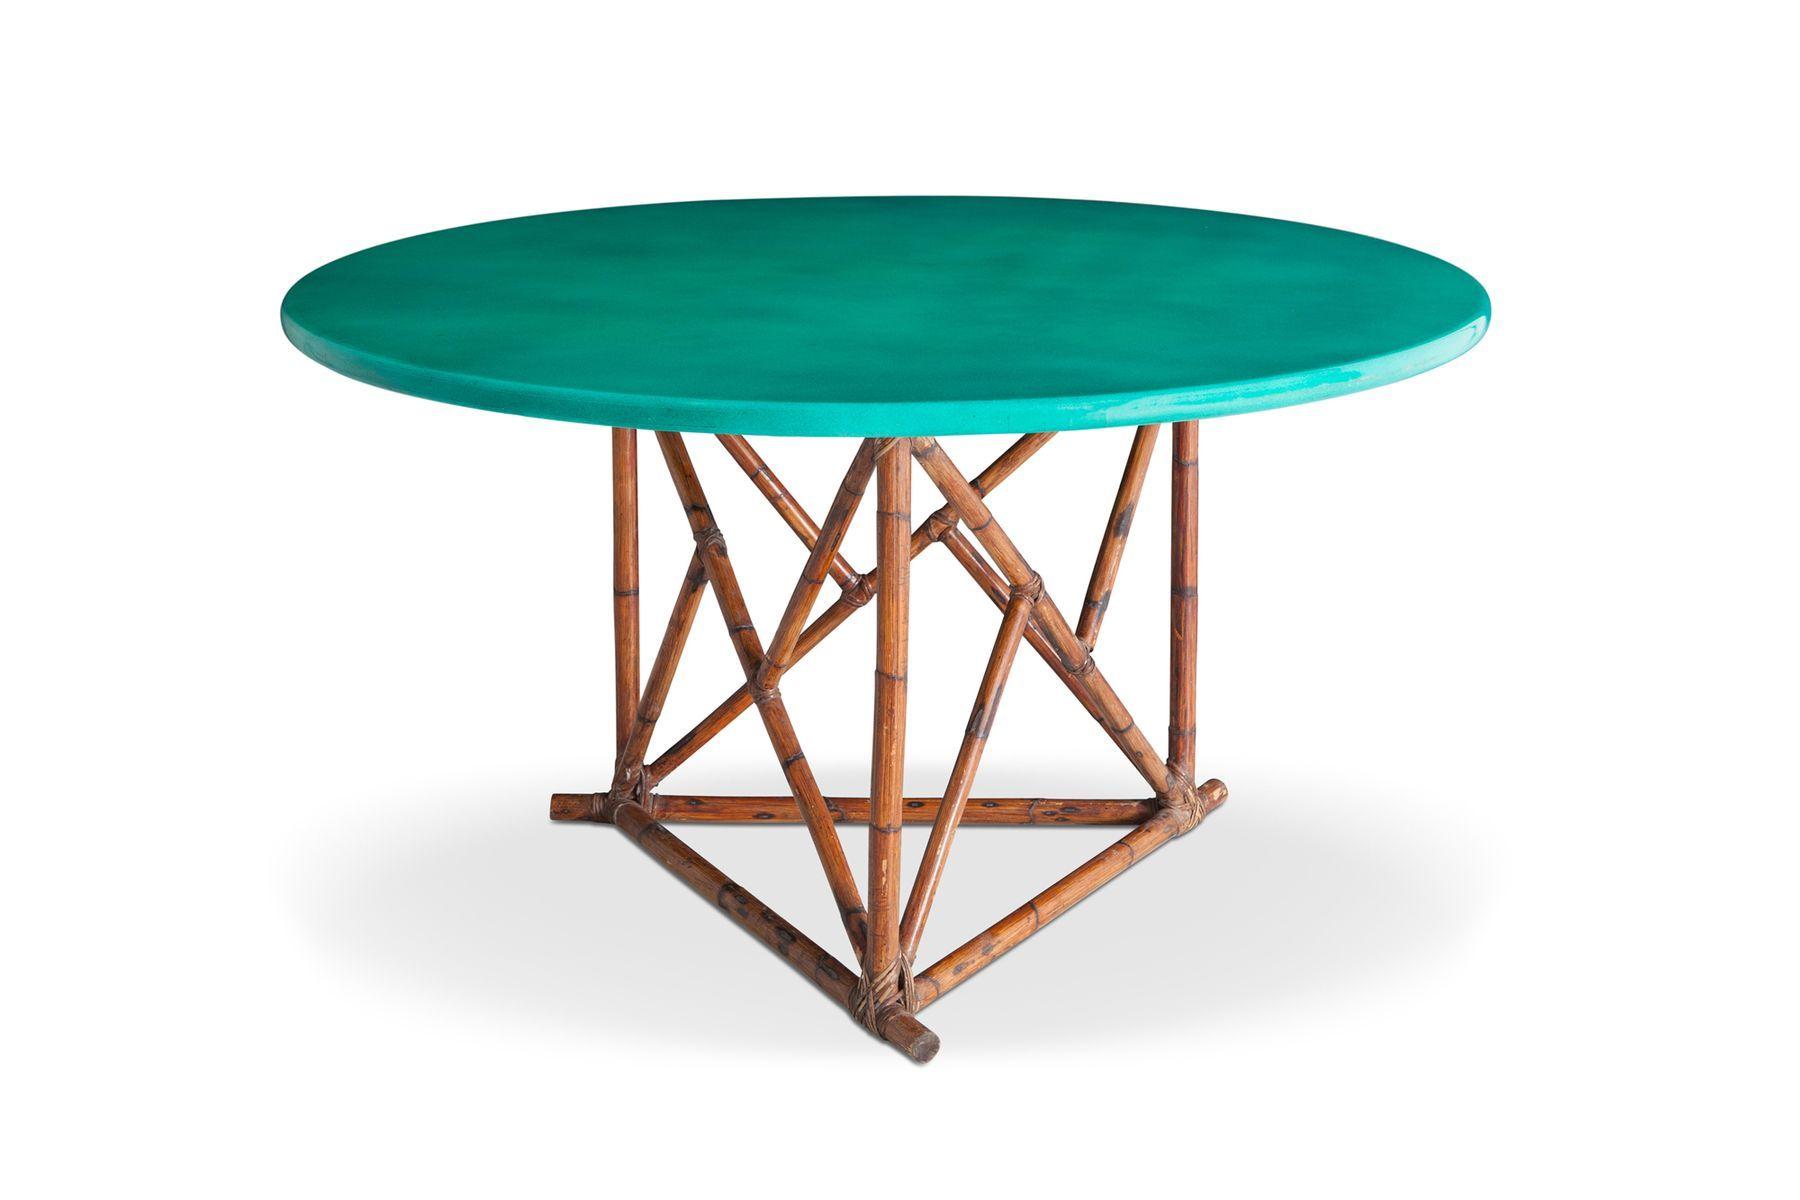 Runde Glastische Ausziehbar Tisch Rund Ausziehbar Massiv Esszimmertisch Eiche Massiv Ausziehbar Eiche Esst Esstisch Vintage Ausziehbarer Tisch Glastische